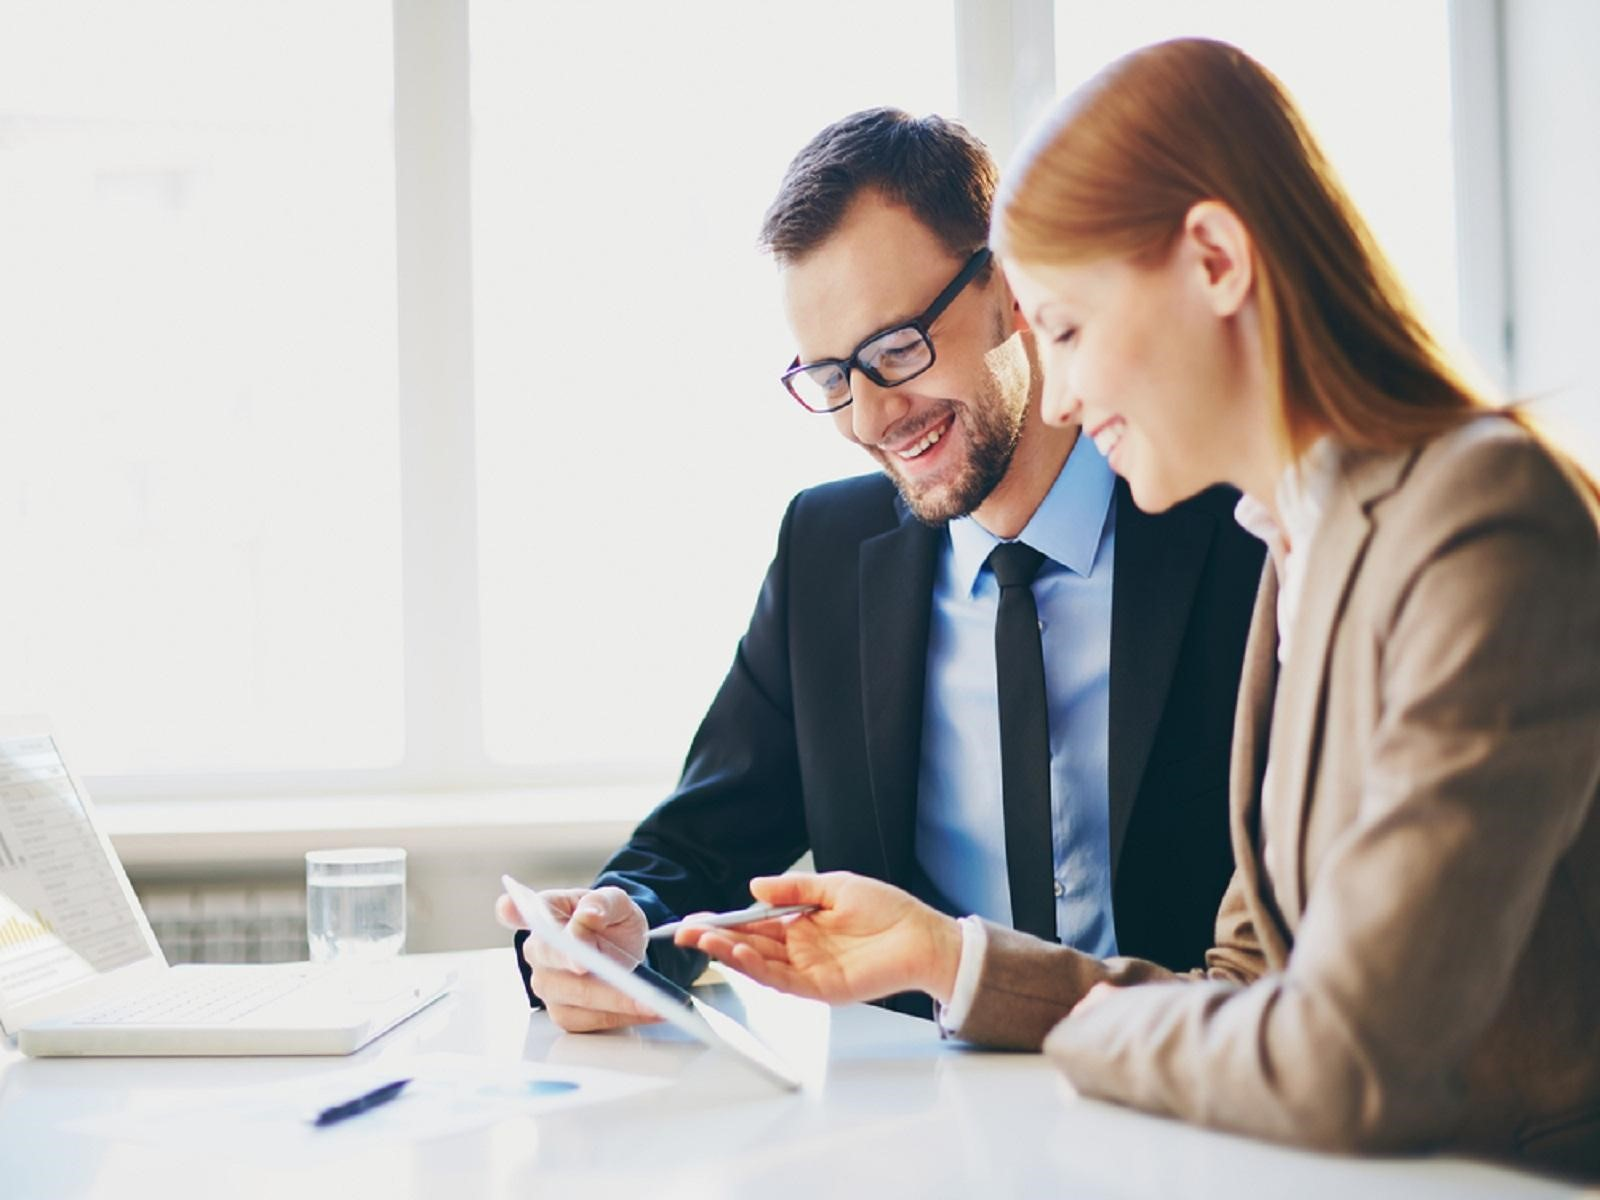 7 câu hỏi giúp xác định bạn đang làm chủ hay làm thuê cho chính mình - Ảnh 3